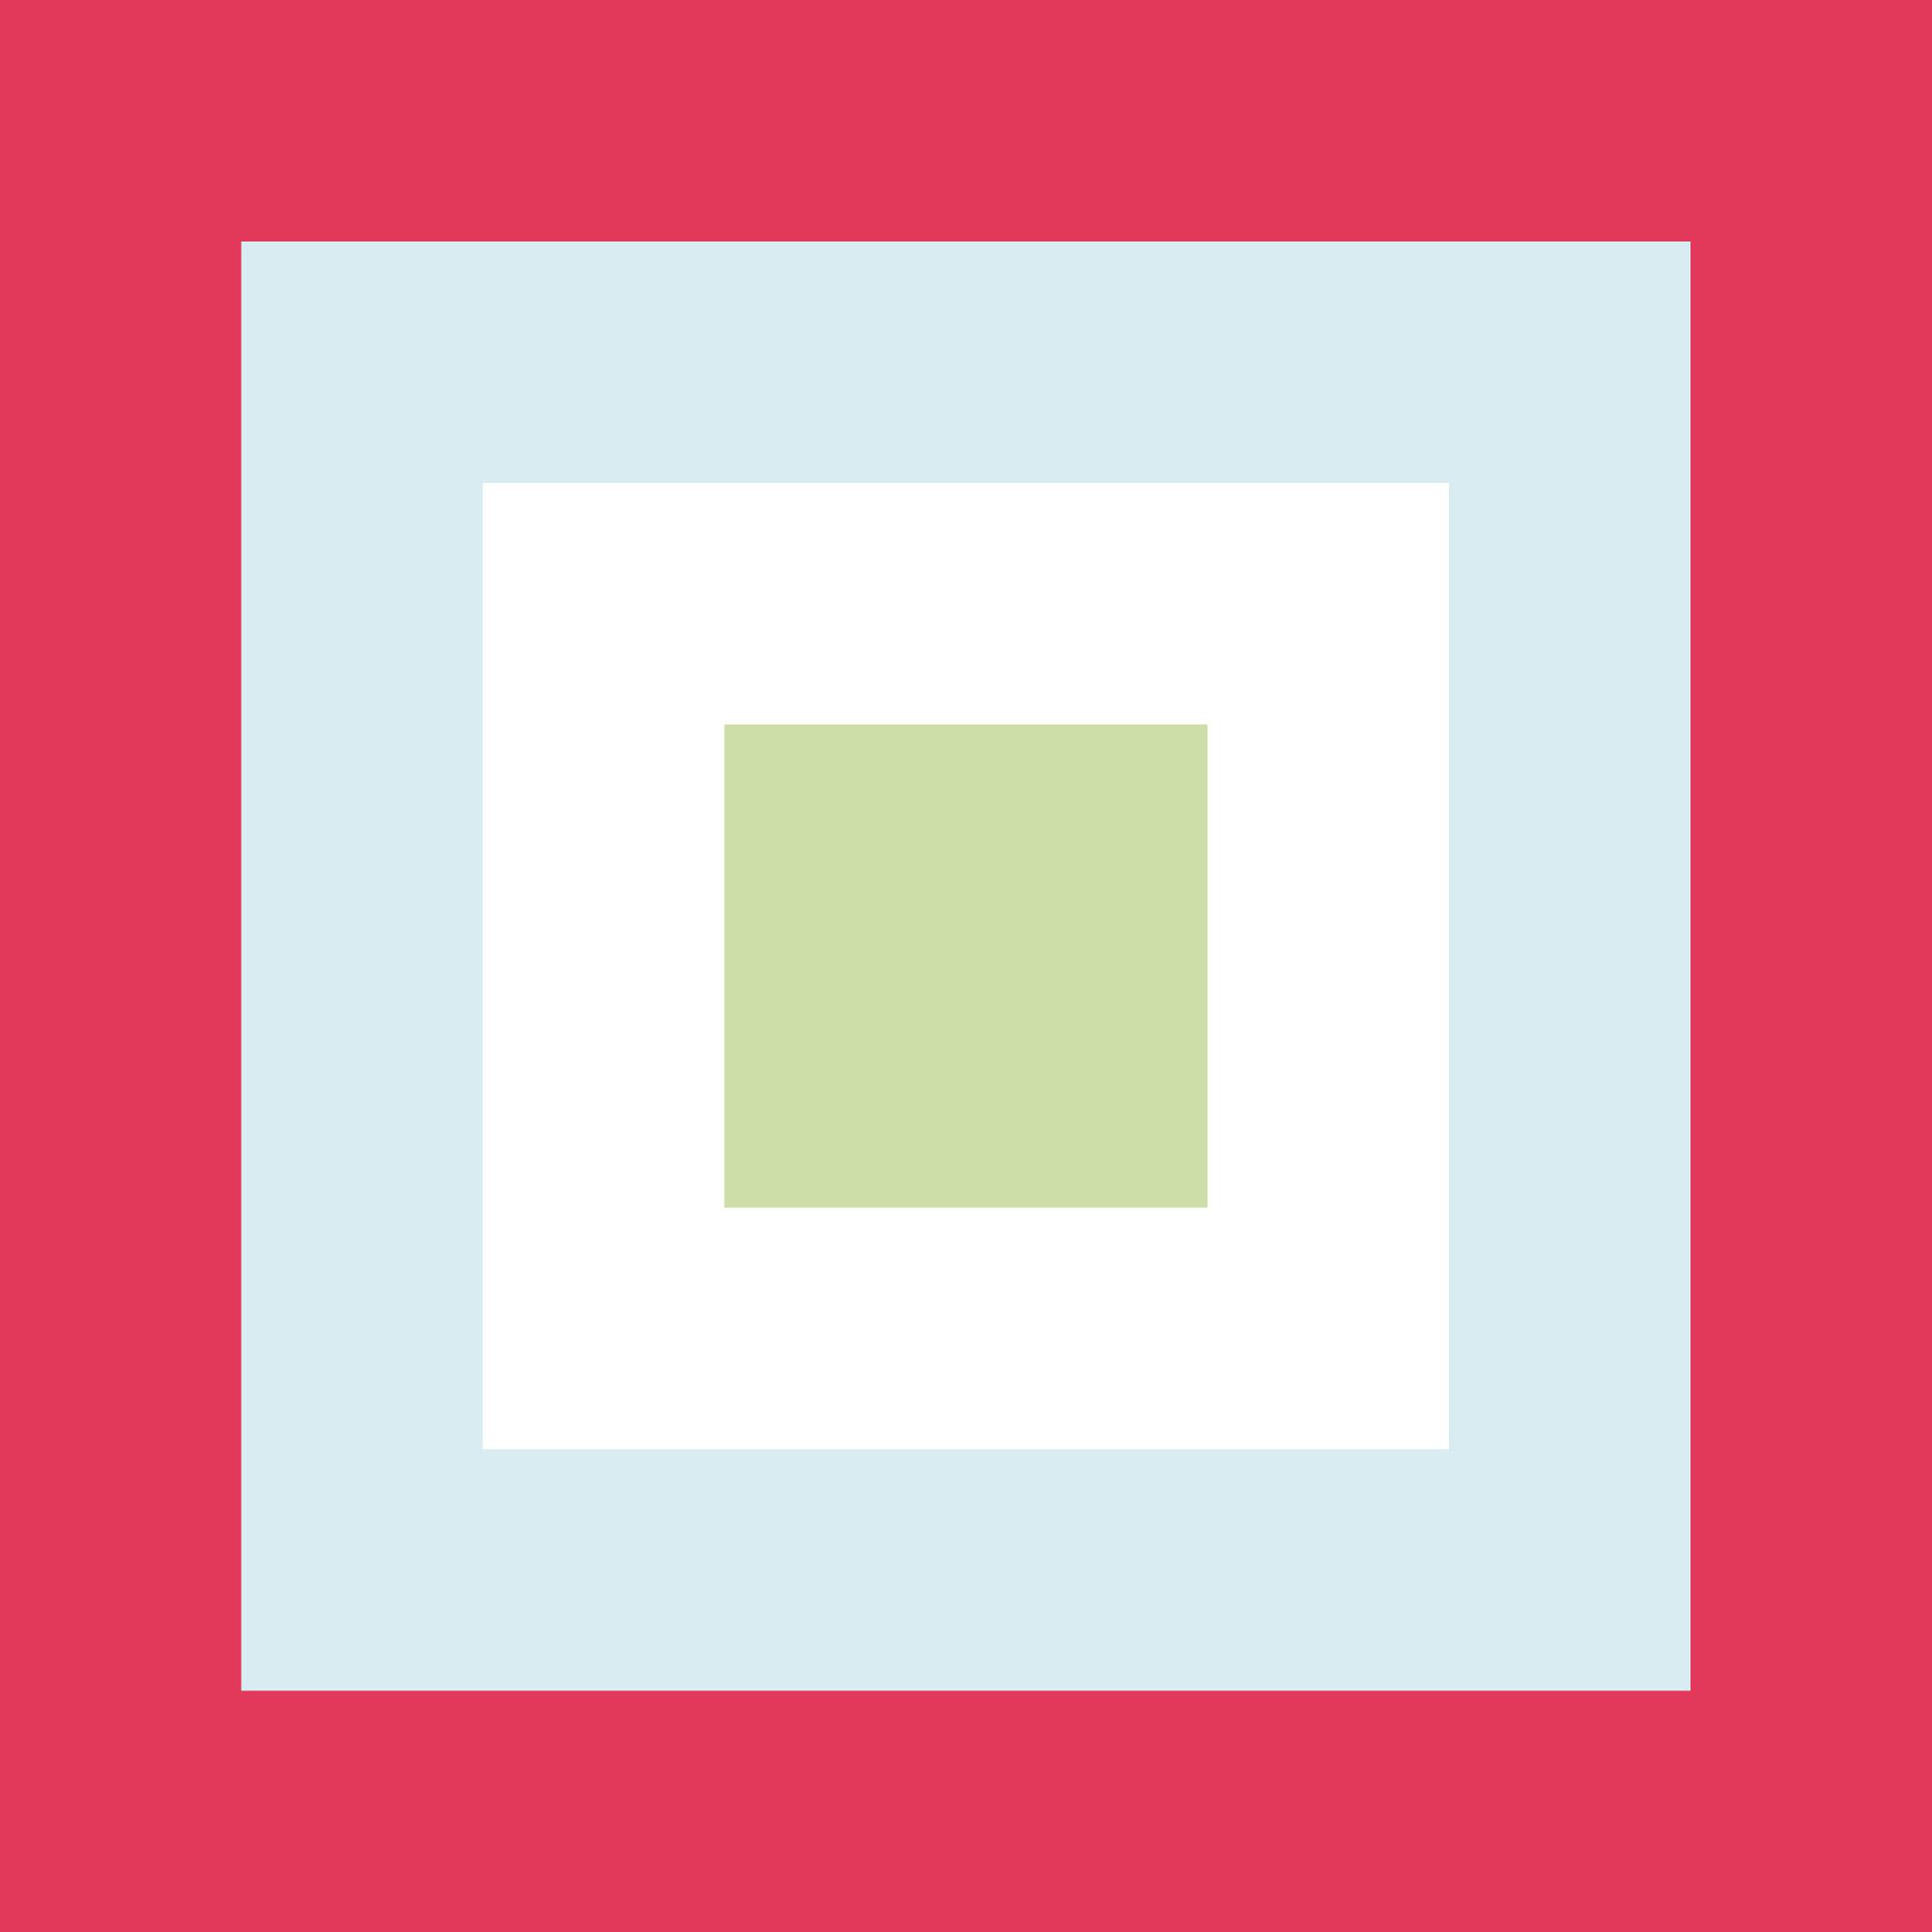 studio_colorado-dekmantel_festival-logo